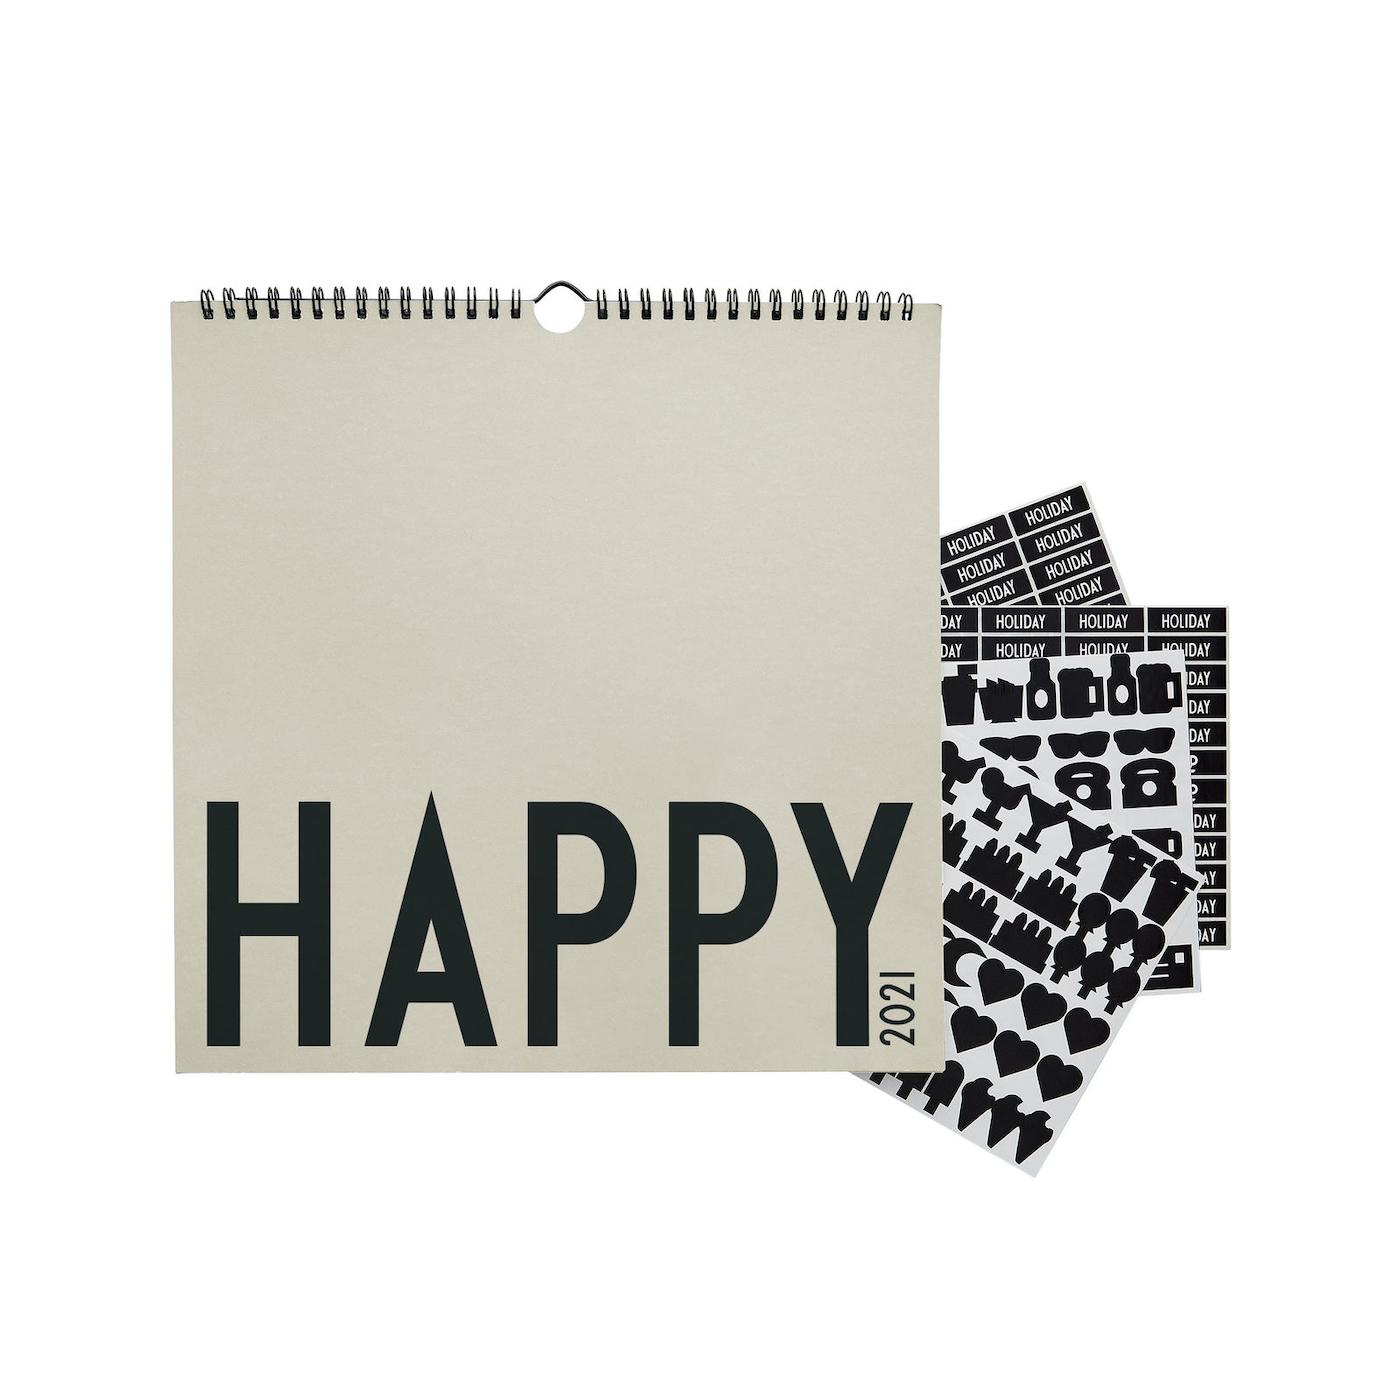 Hygge Tasse, Hygge Becher, Arne Jacobsen, Design Letters , Neuheiten 2020, Dänemark , Kalender